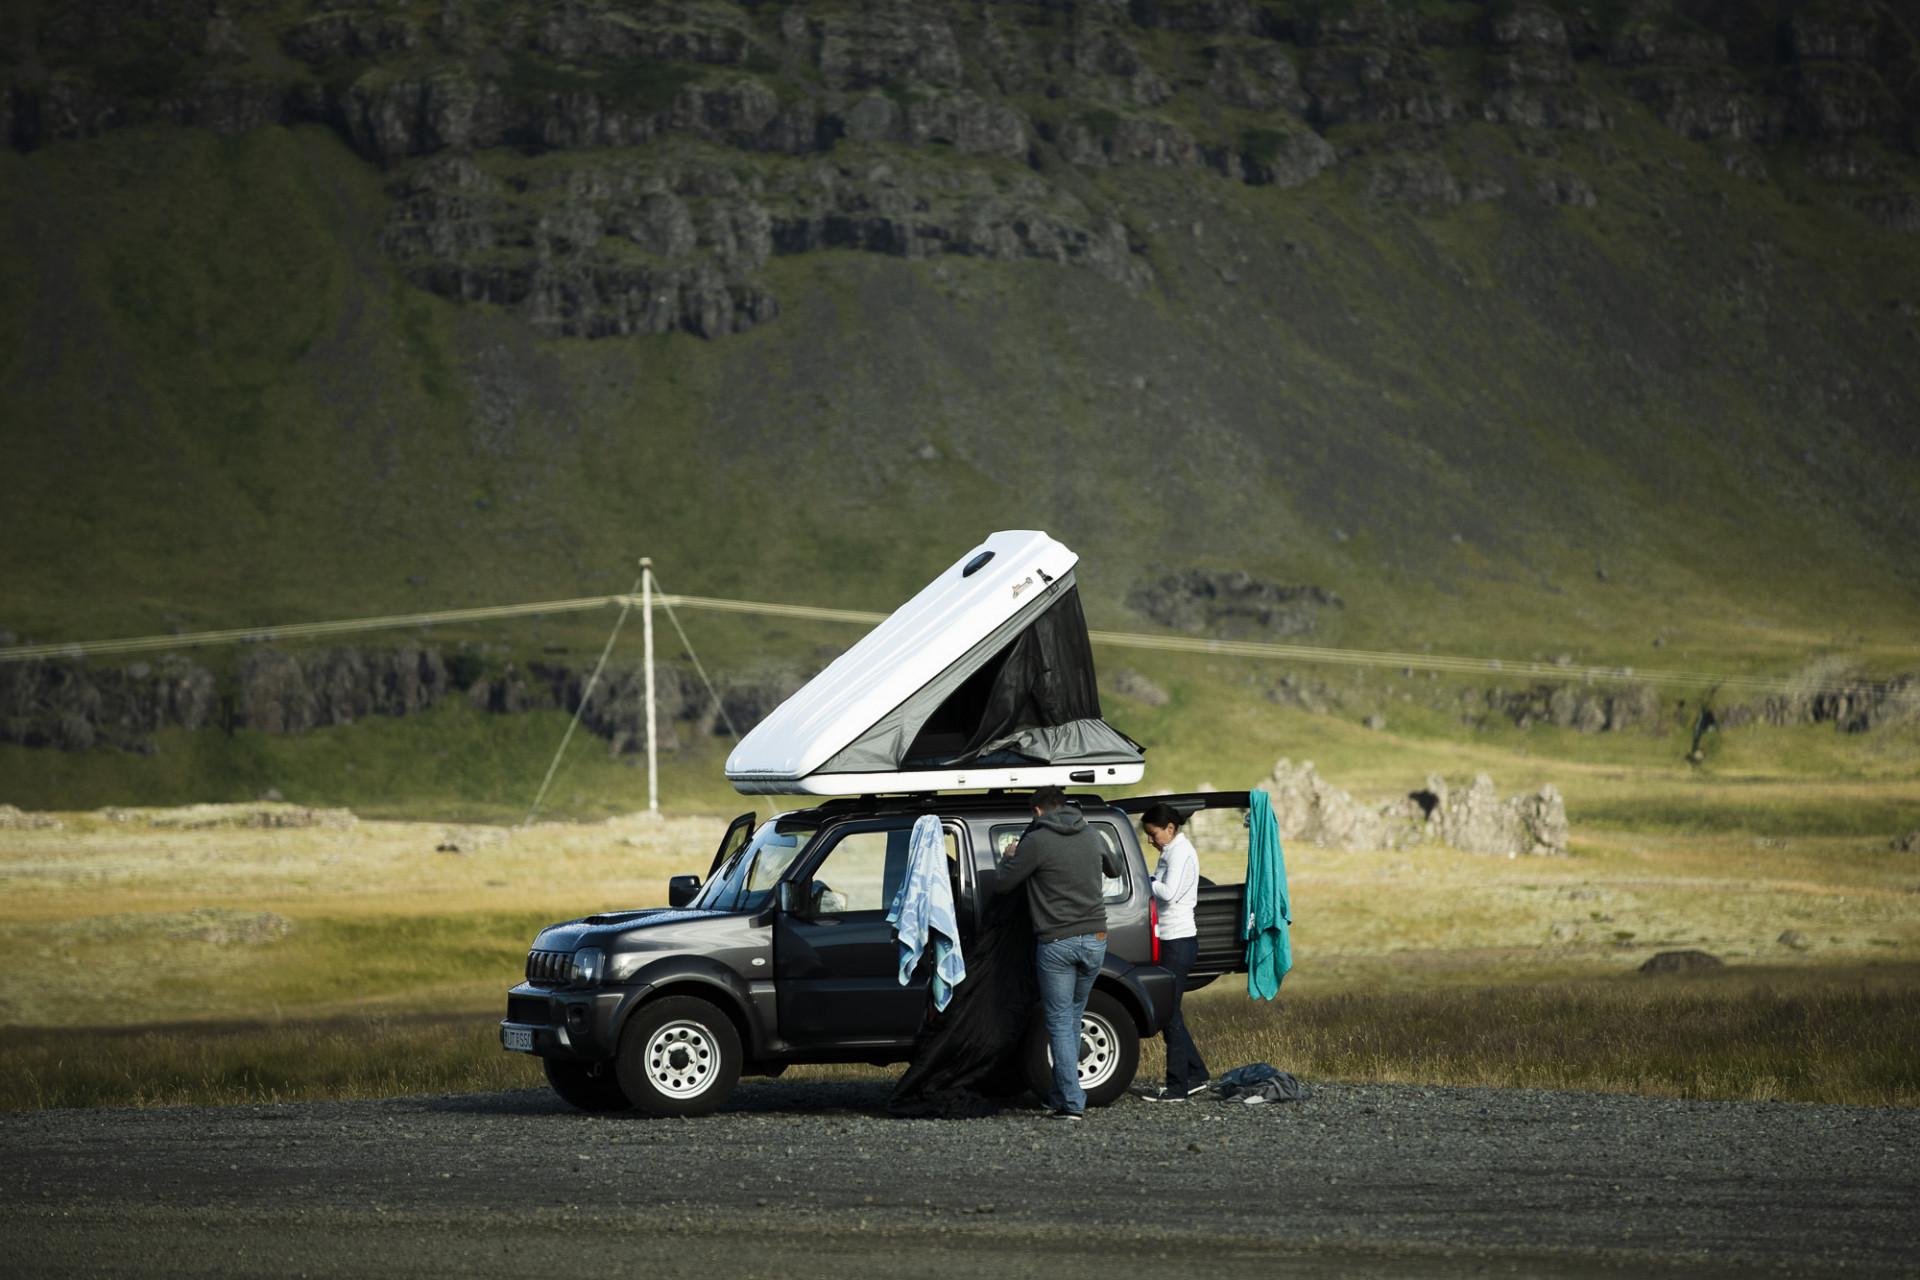 Jeep med stor takbox i naturen. Två personer sitter i bilen, kläder hänger ned från taket. Från Vatnajökull, Island.